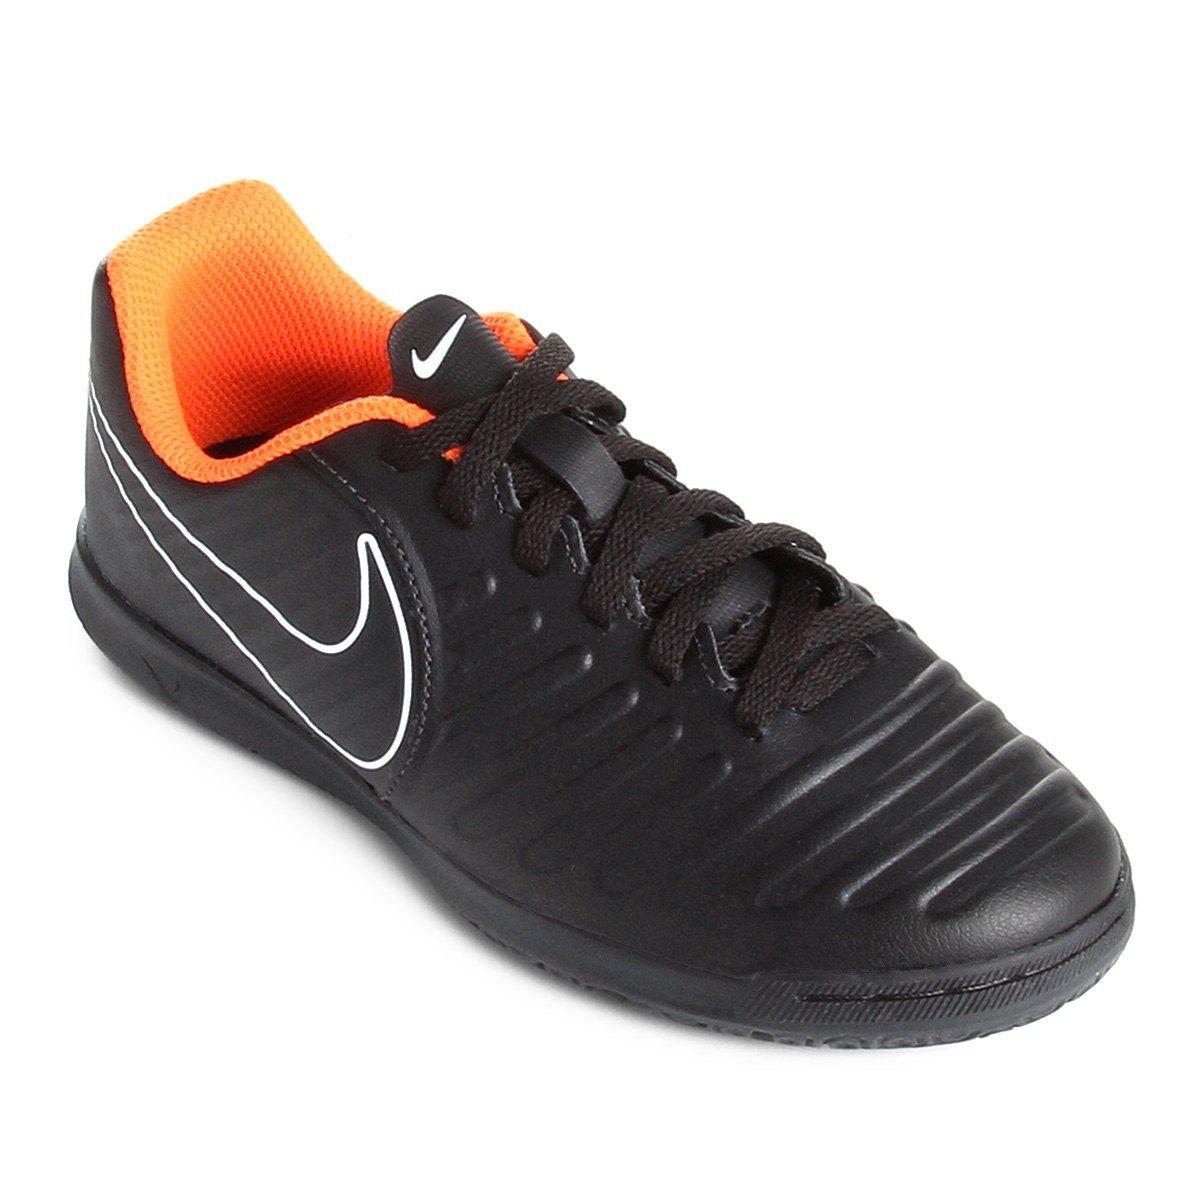 aff81622b24 Tenis Nike jr Lengendx 7 Club ic Ah7260080